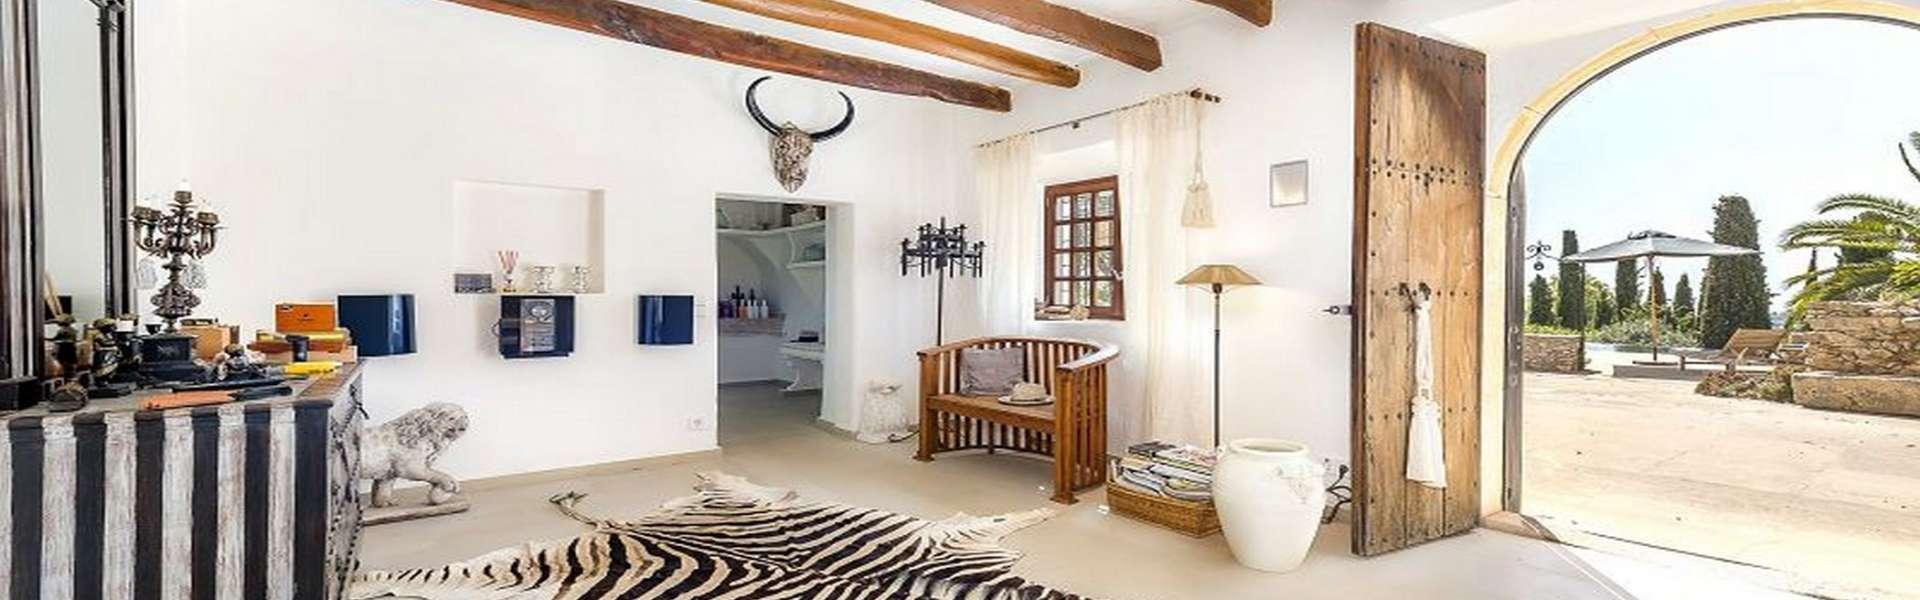 Es Carritxó - Preciosa casa de campo del ano 1833 con vistas al mar/panorámicas